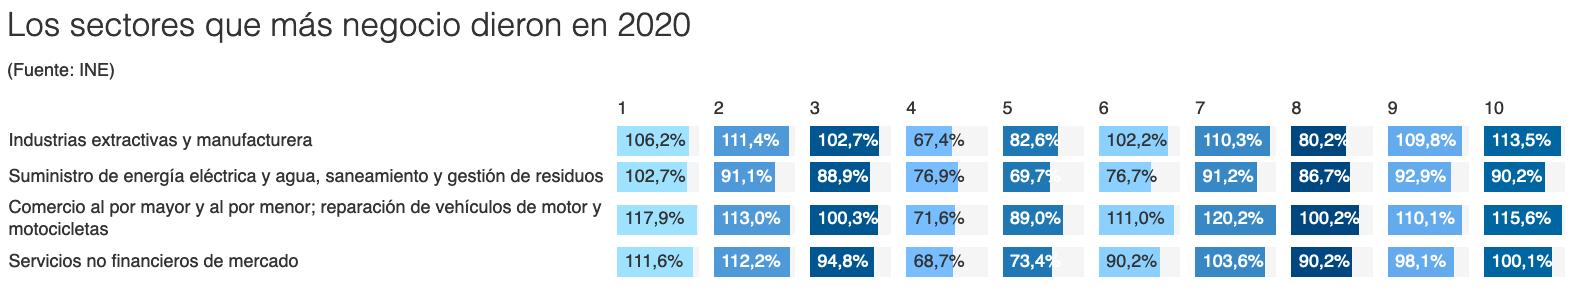 Los sectores que más negocio dieron en 2020